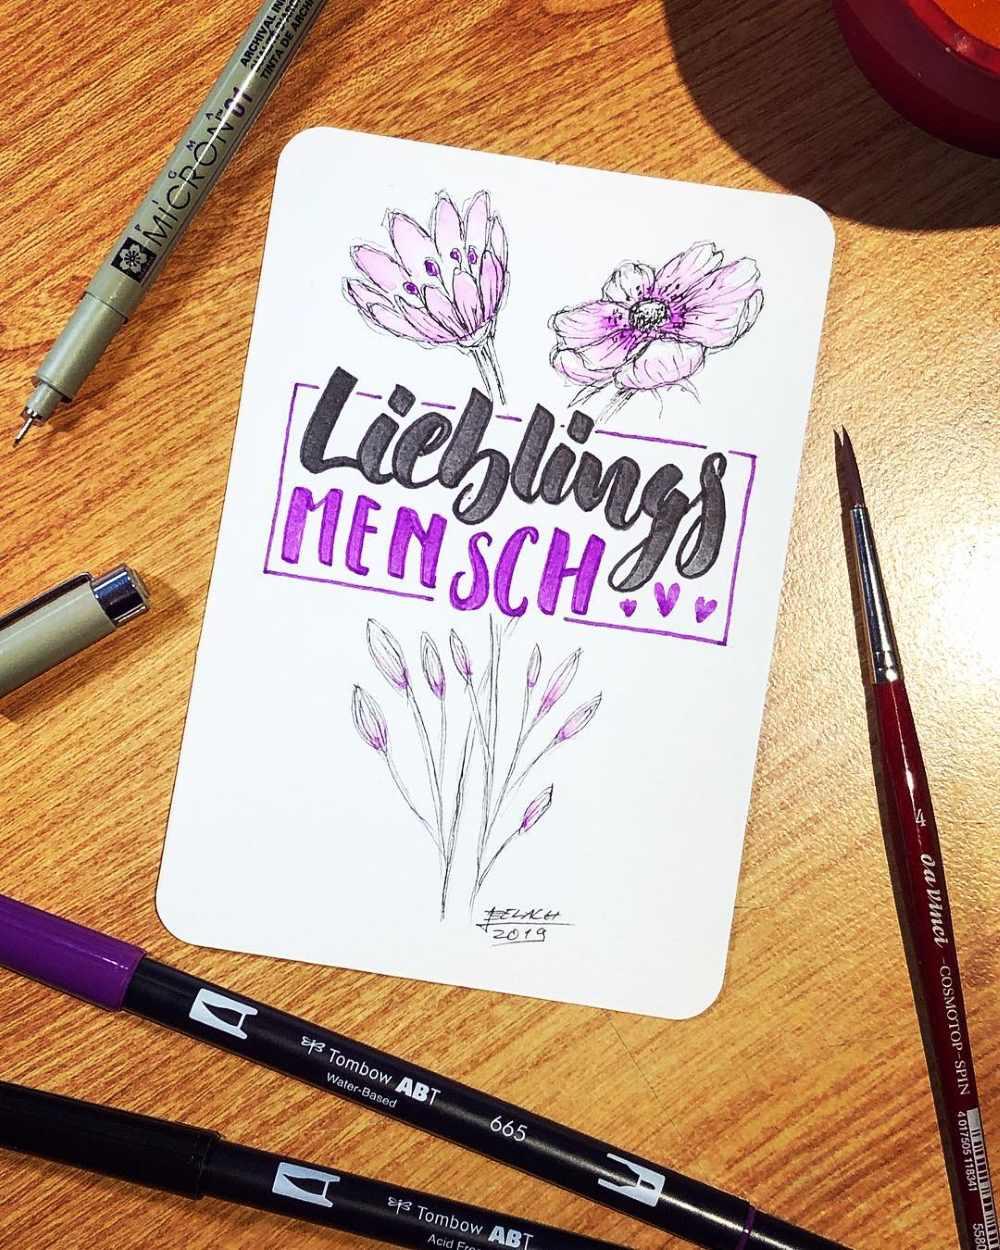 Lieblingsmensch - Handlettering mit gezeichneten Blumen